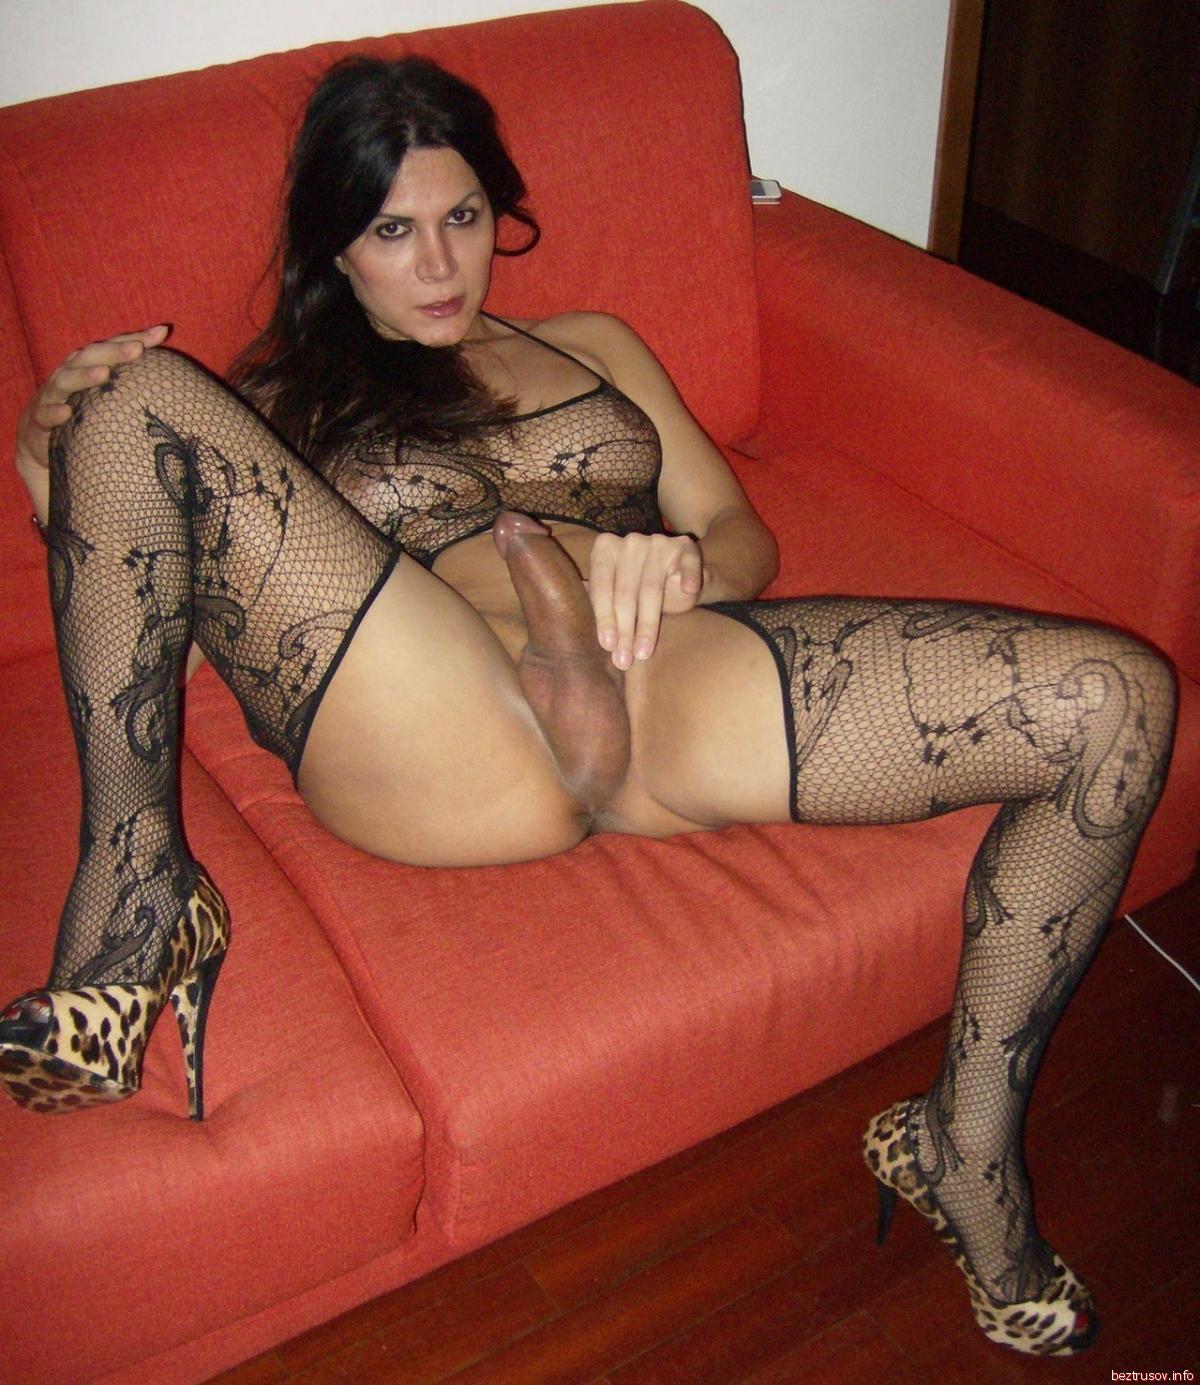 Секс в разных позах с женщиной, сучки с большими бедрами